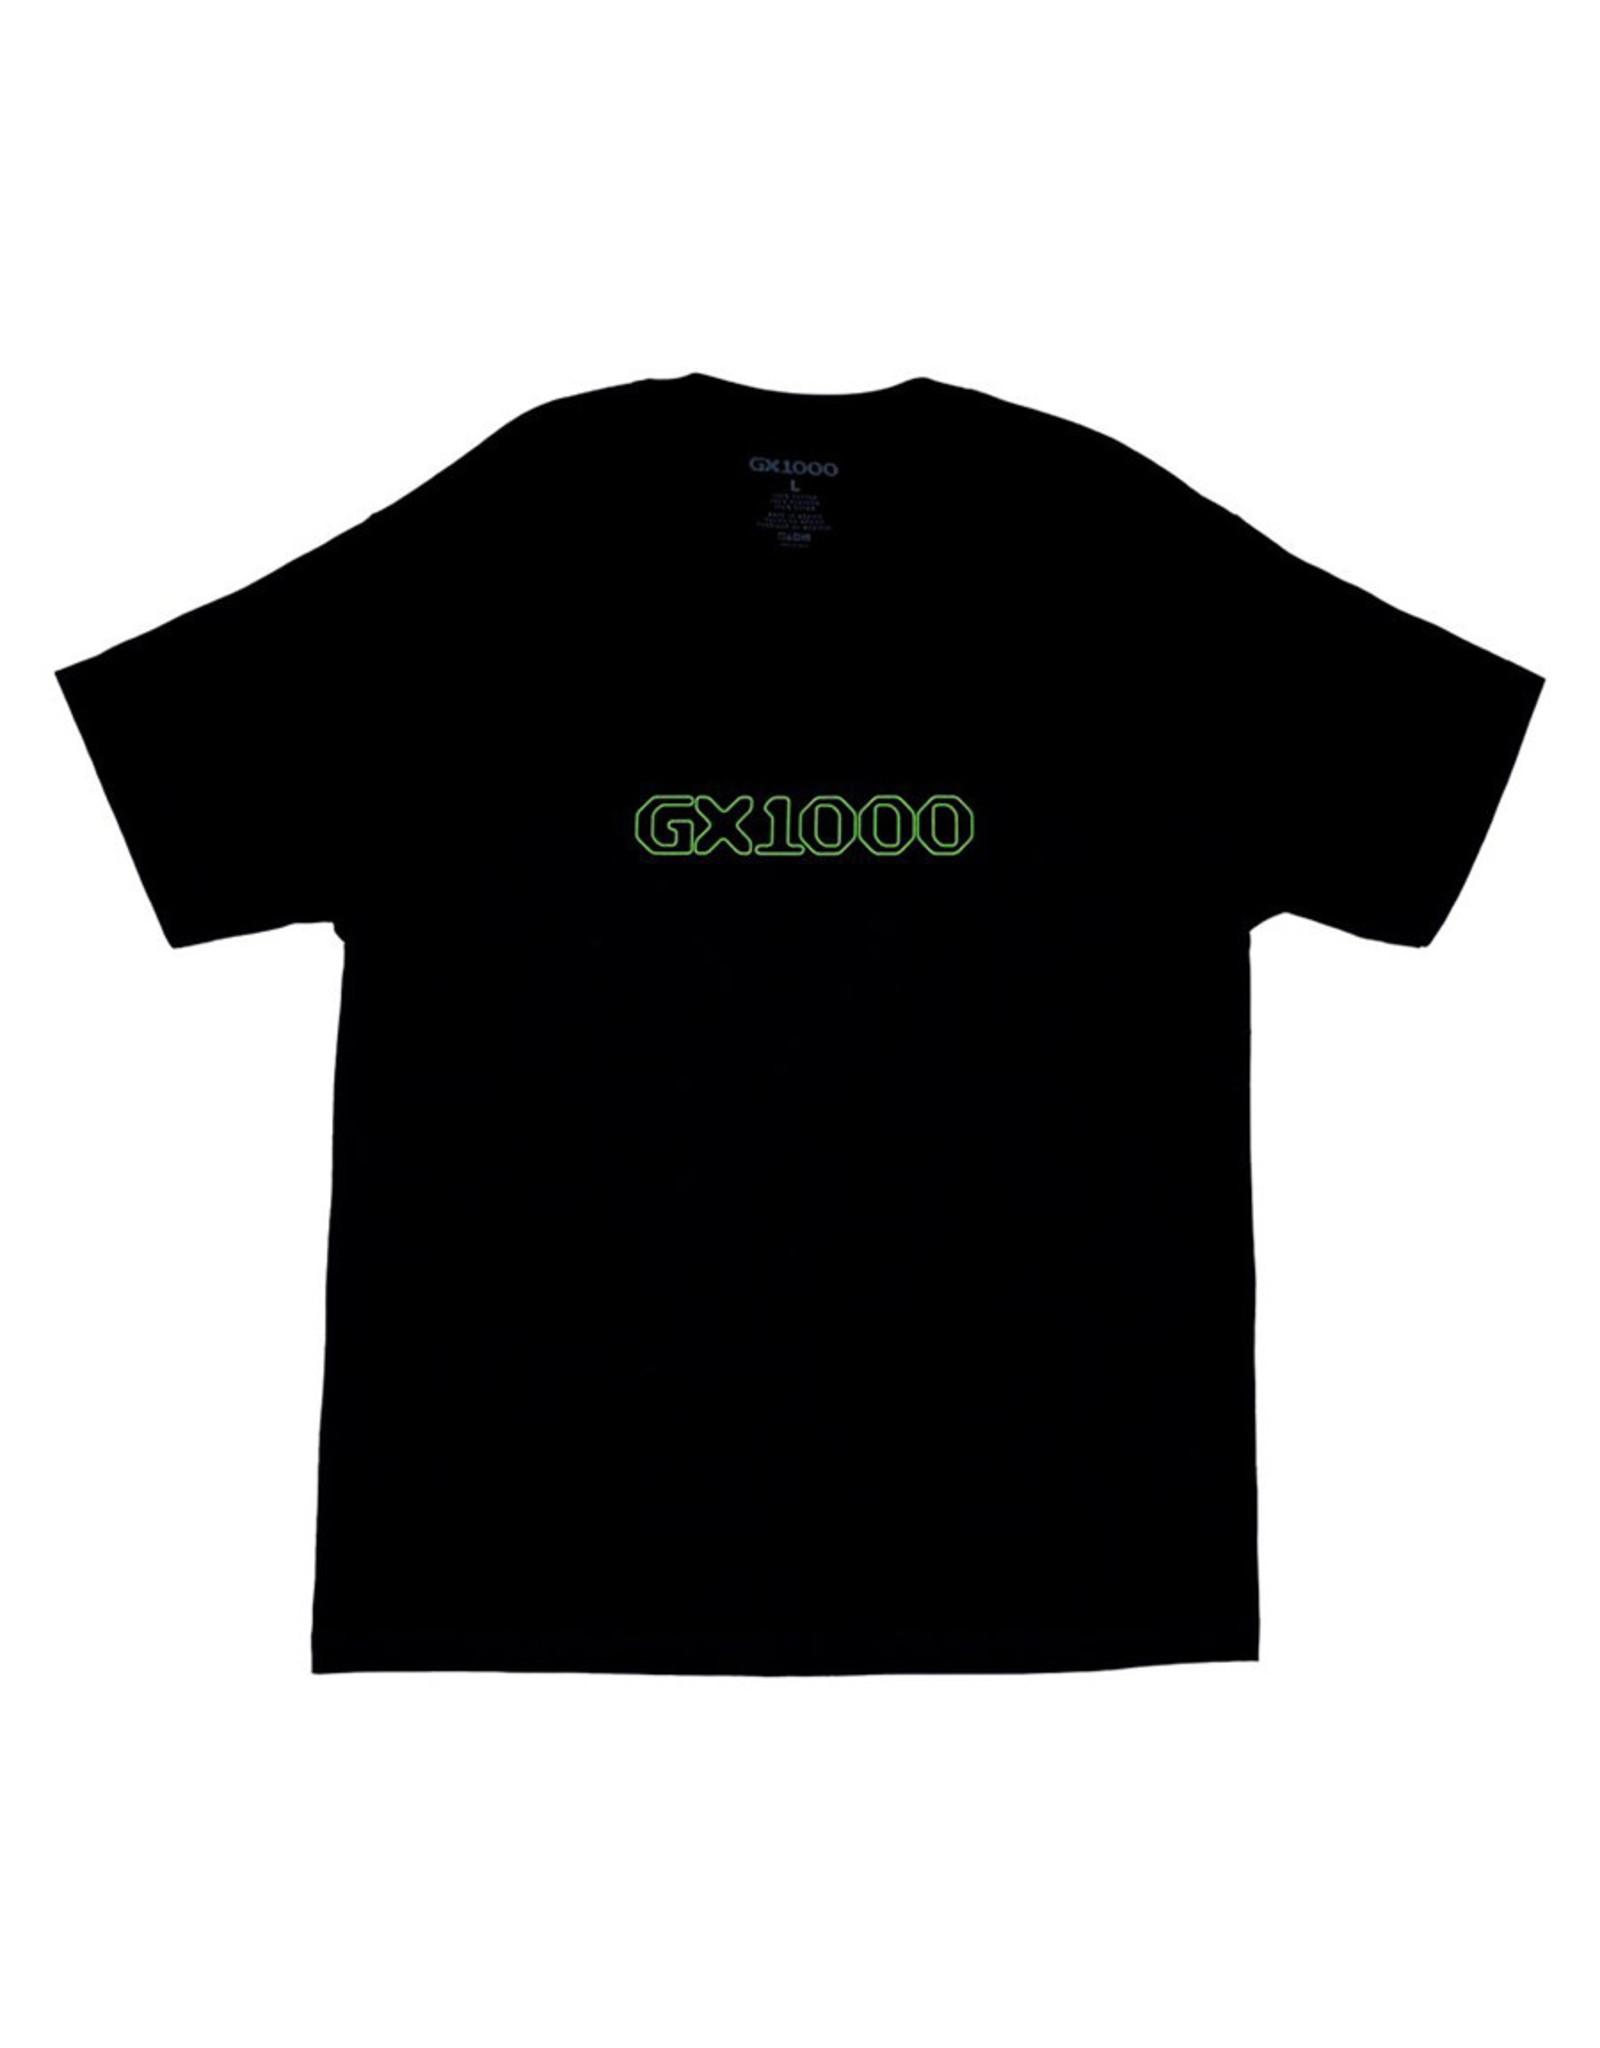 GX1000 GX-1000 Tee OG Logo S/S (Black)